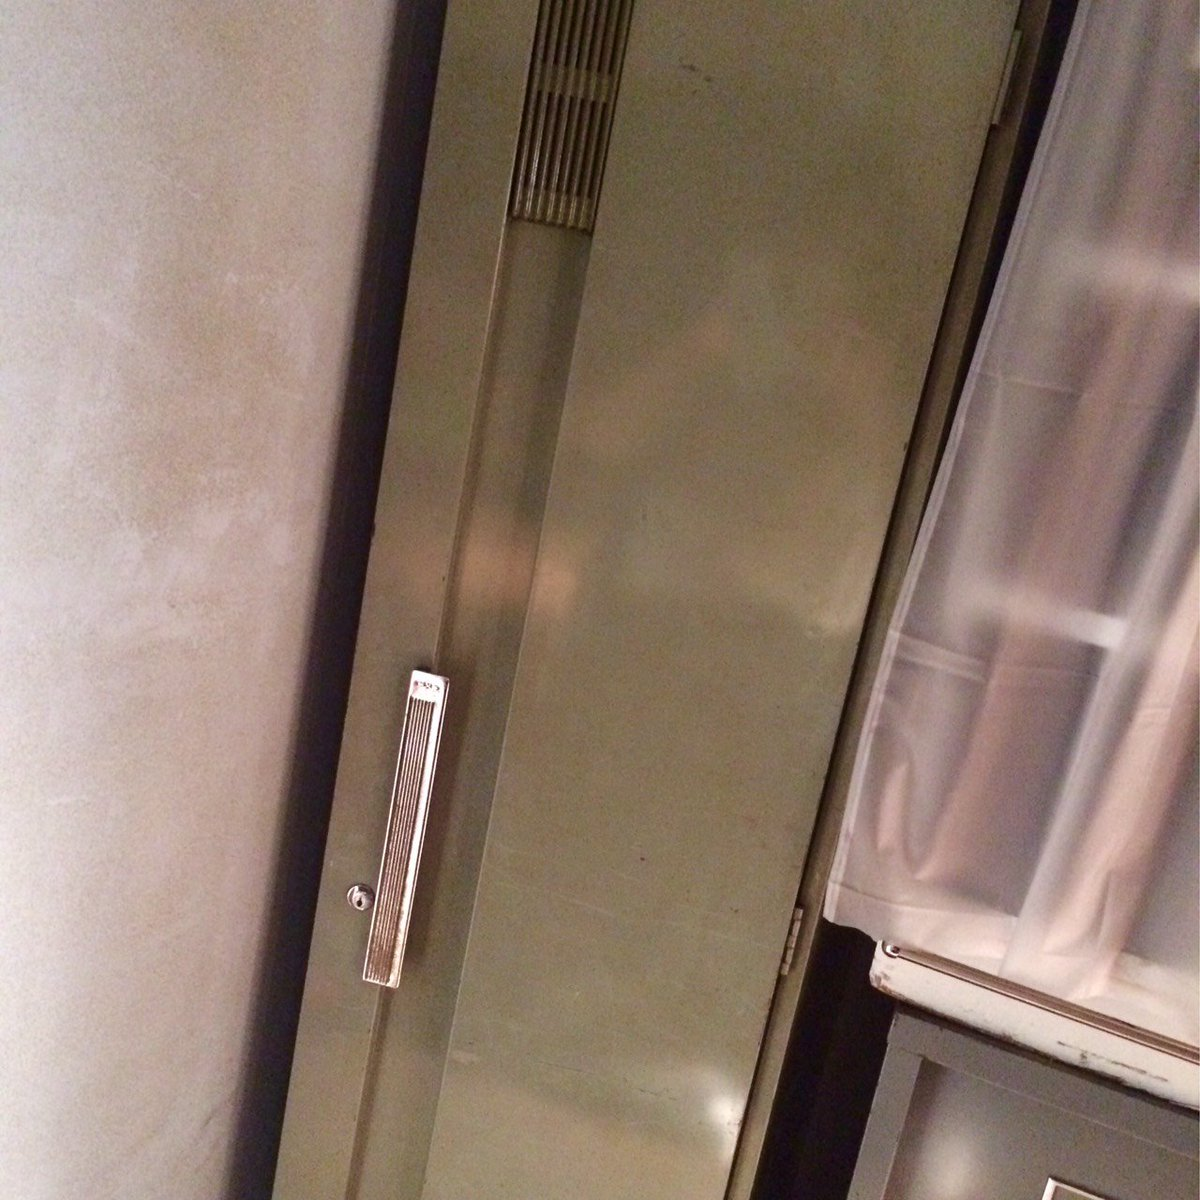 この写真は未来に帰る前に翔平が理科準備室で隠れていたロッカーです。2016年の夏はもう終わりますが、いつかどこかの未来の